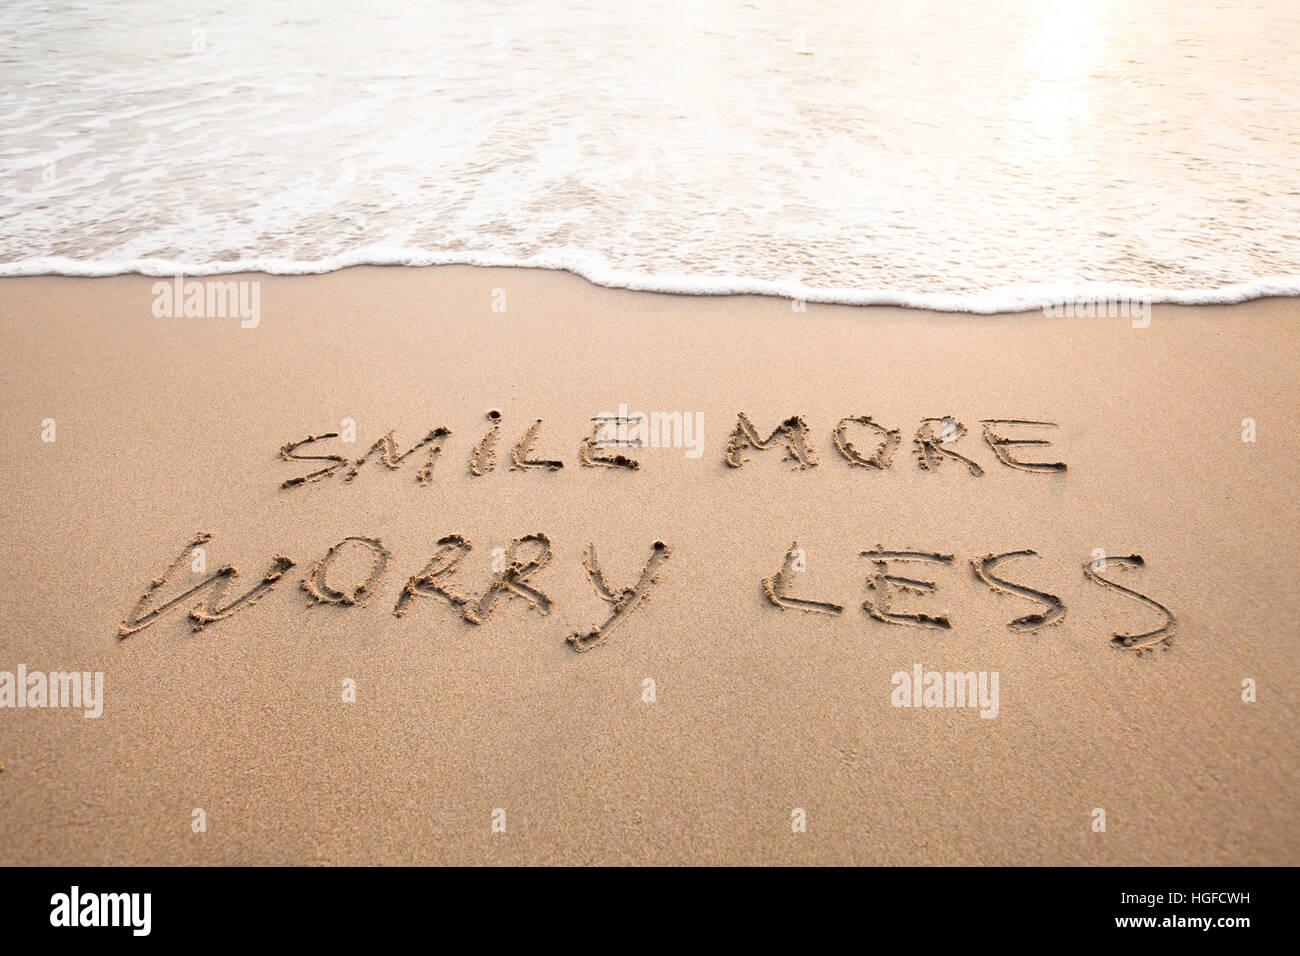 La sonrisa más preocupan menos - Concepto de pensamiento positivo, optimismo Foto de stock